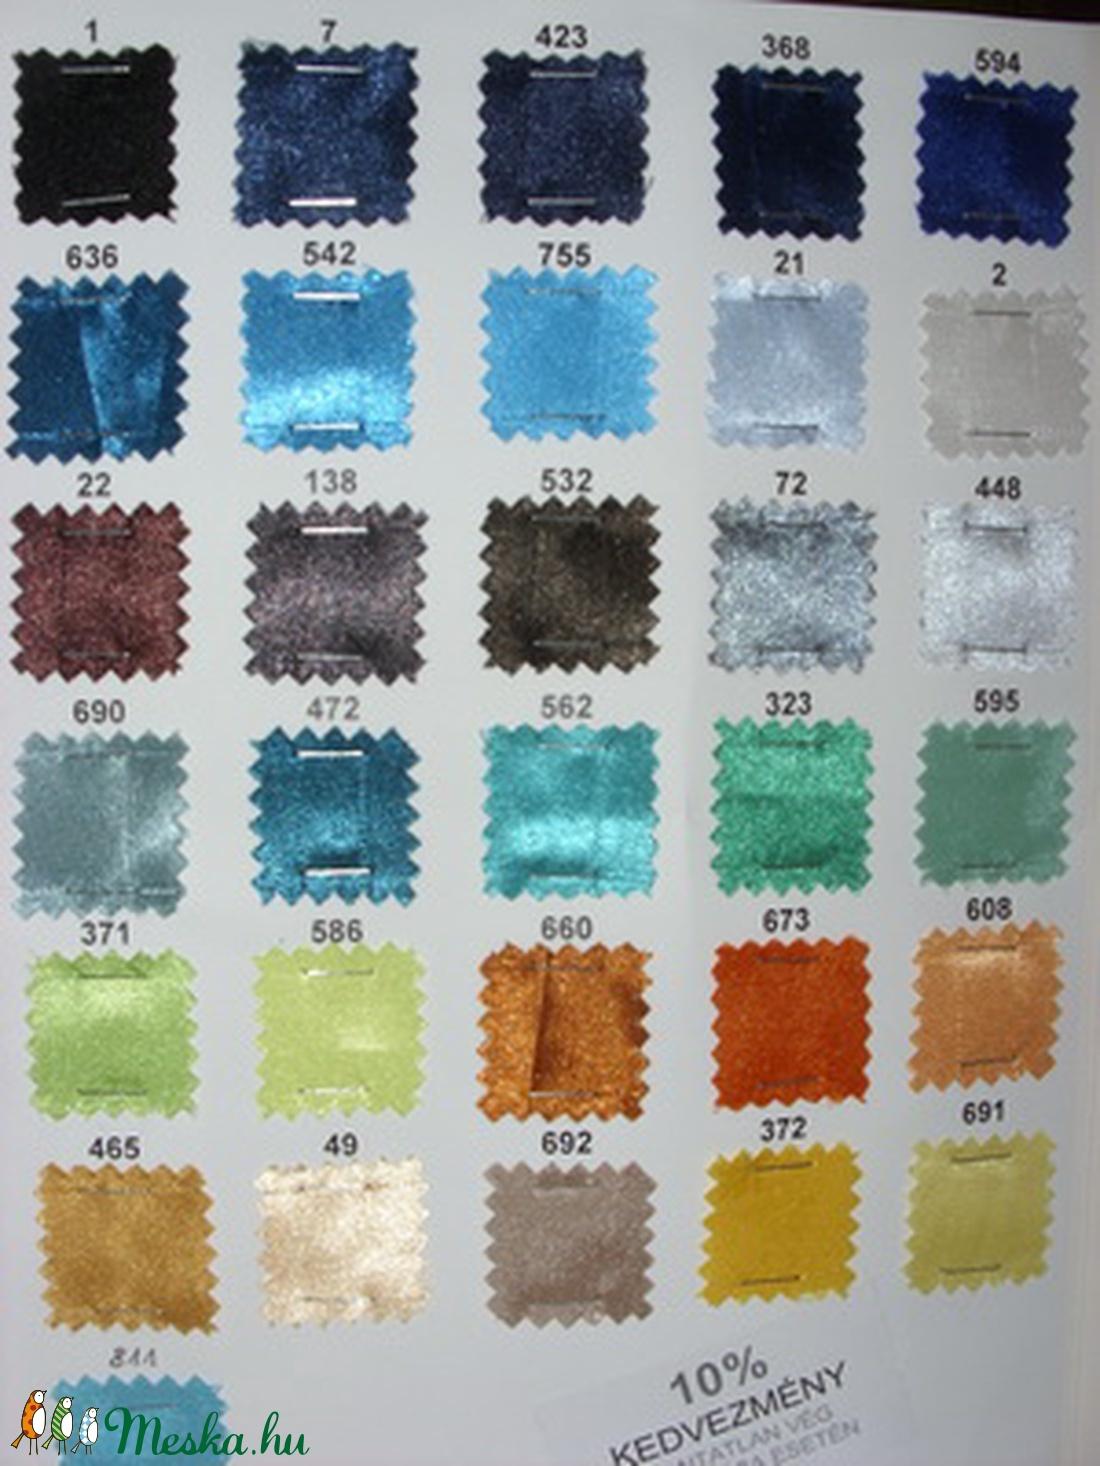 56 színben dekoratív szatén 150 cm 990.-Ft - textil - selyem - Meska.hu